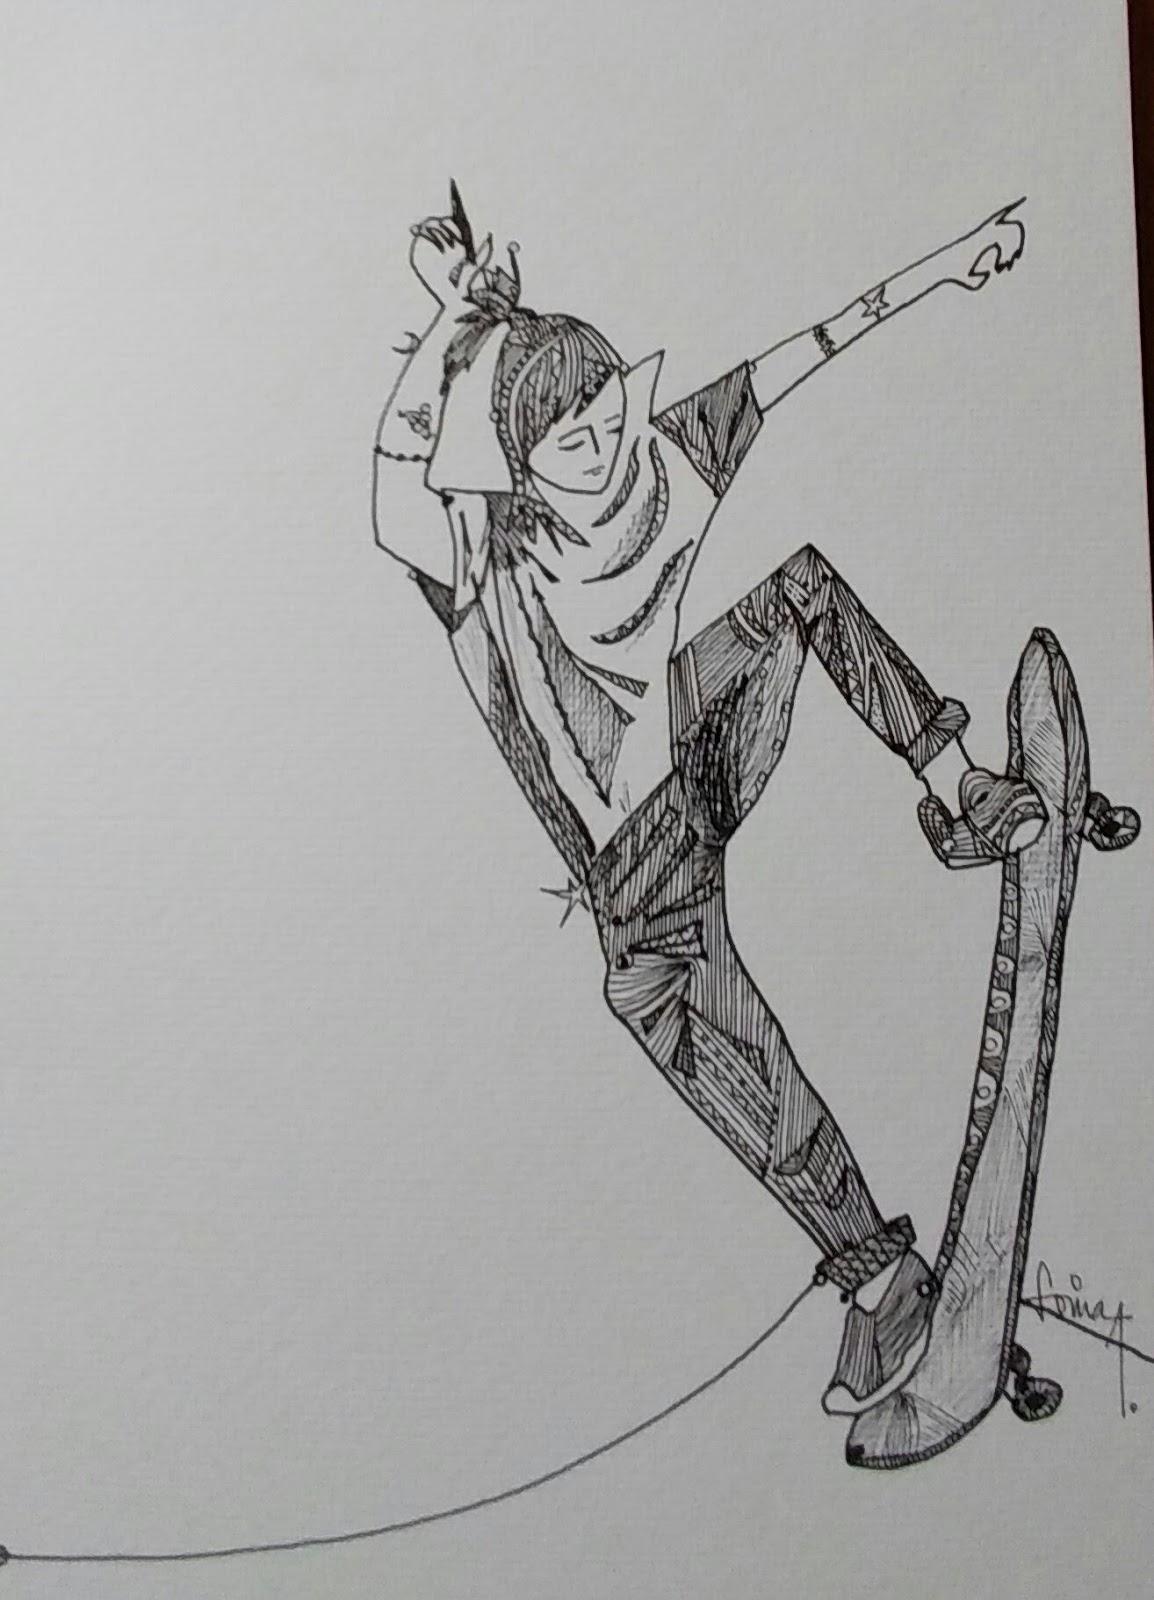 sonia albuquerque desenho pintura arte postal e poesia skatista